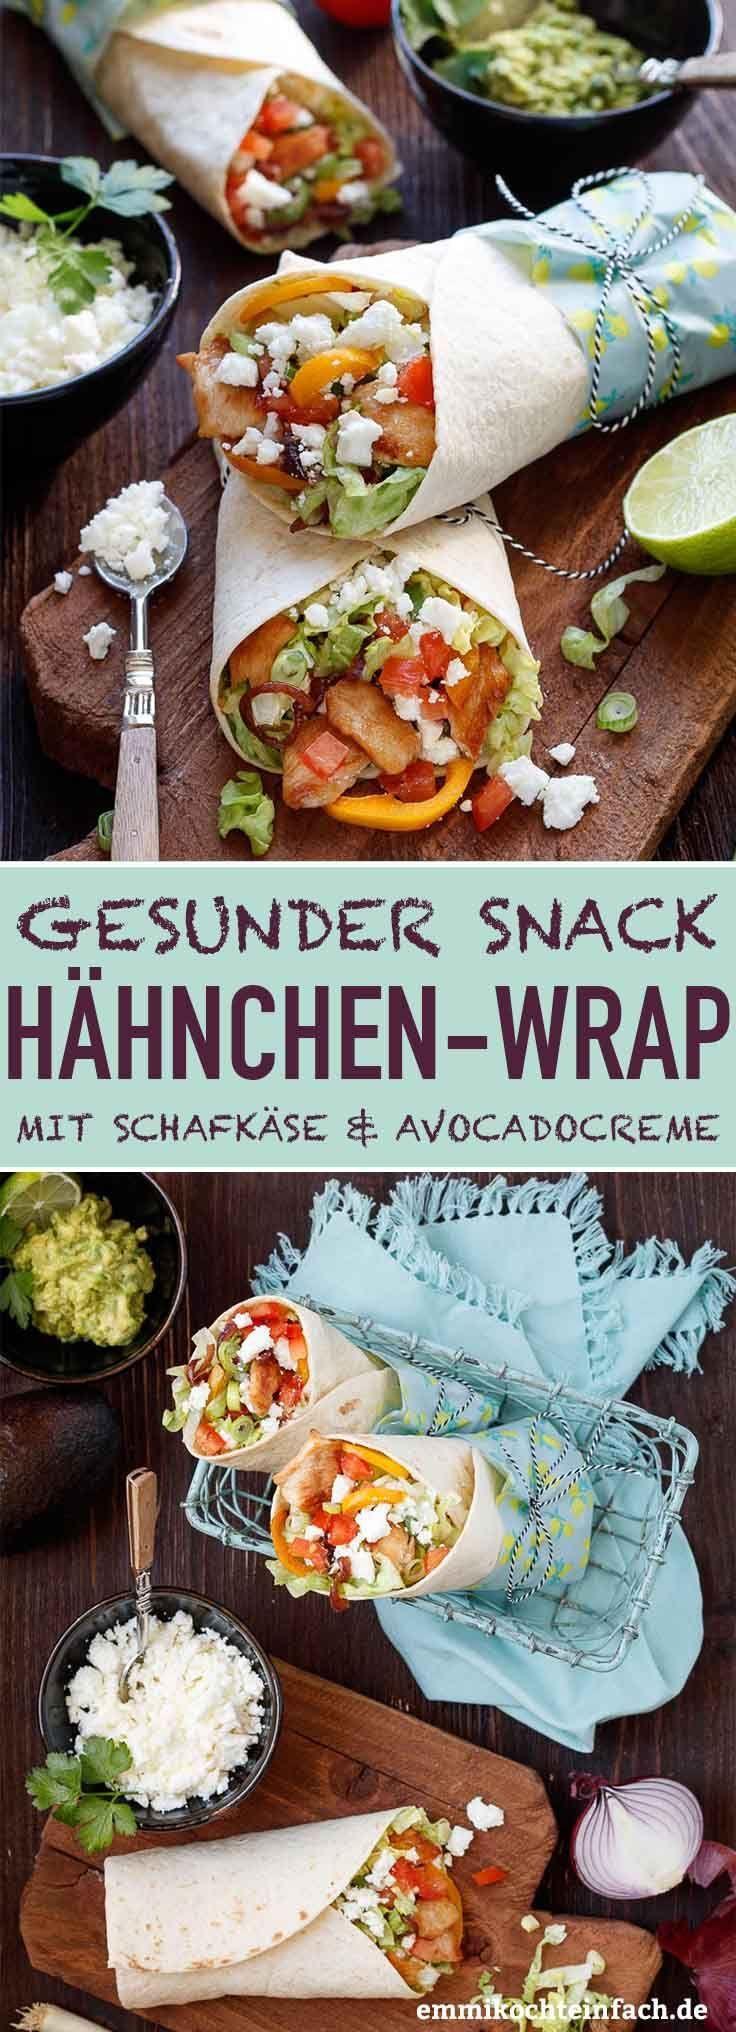 Wrap mit Hähnchen, Schafkäse und Avocadocreme – emmikochteinfach